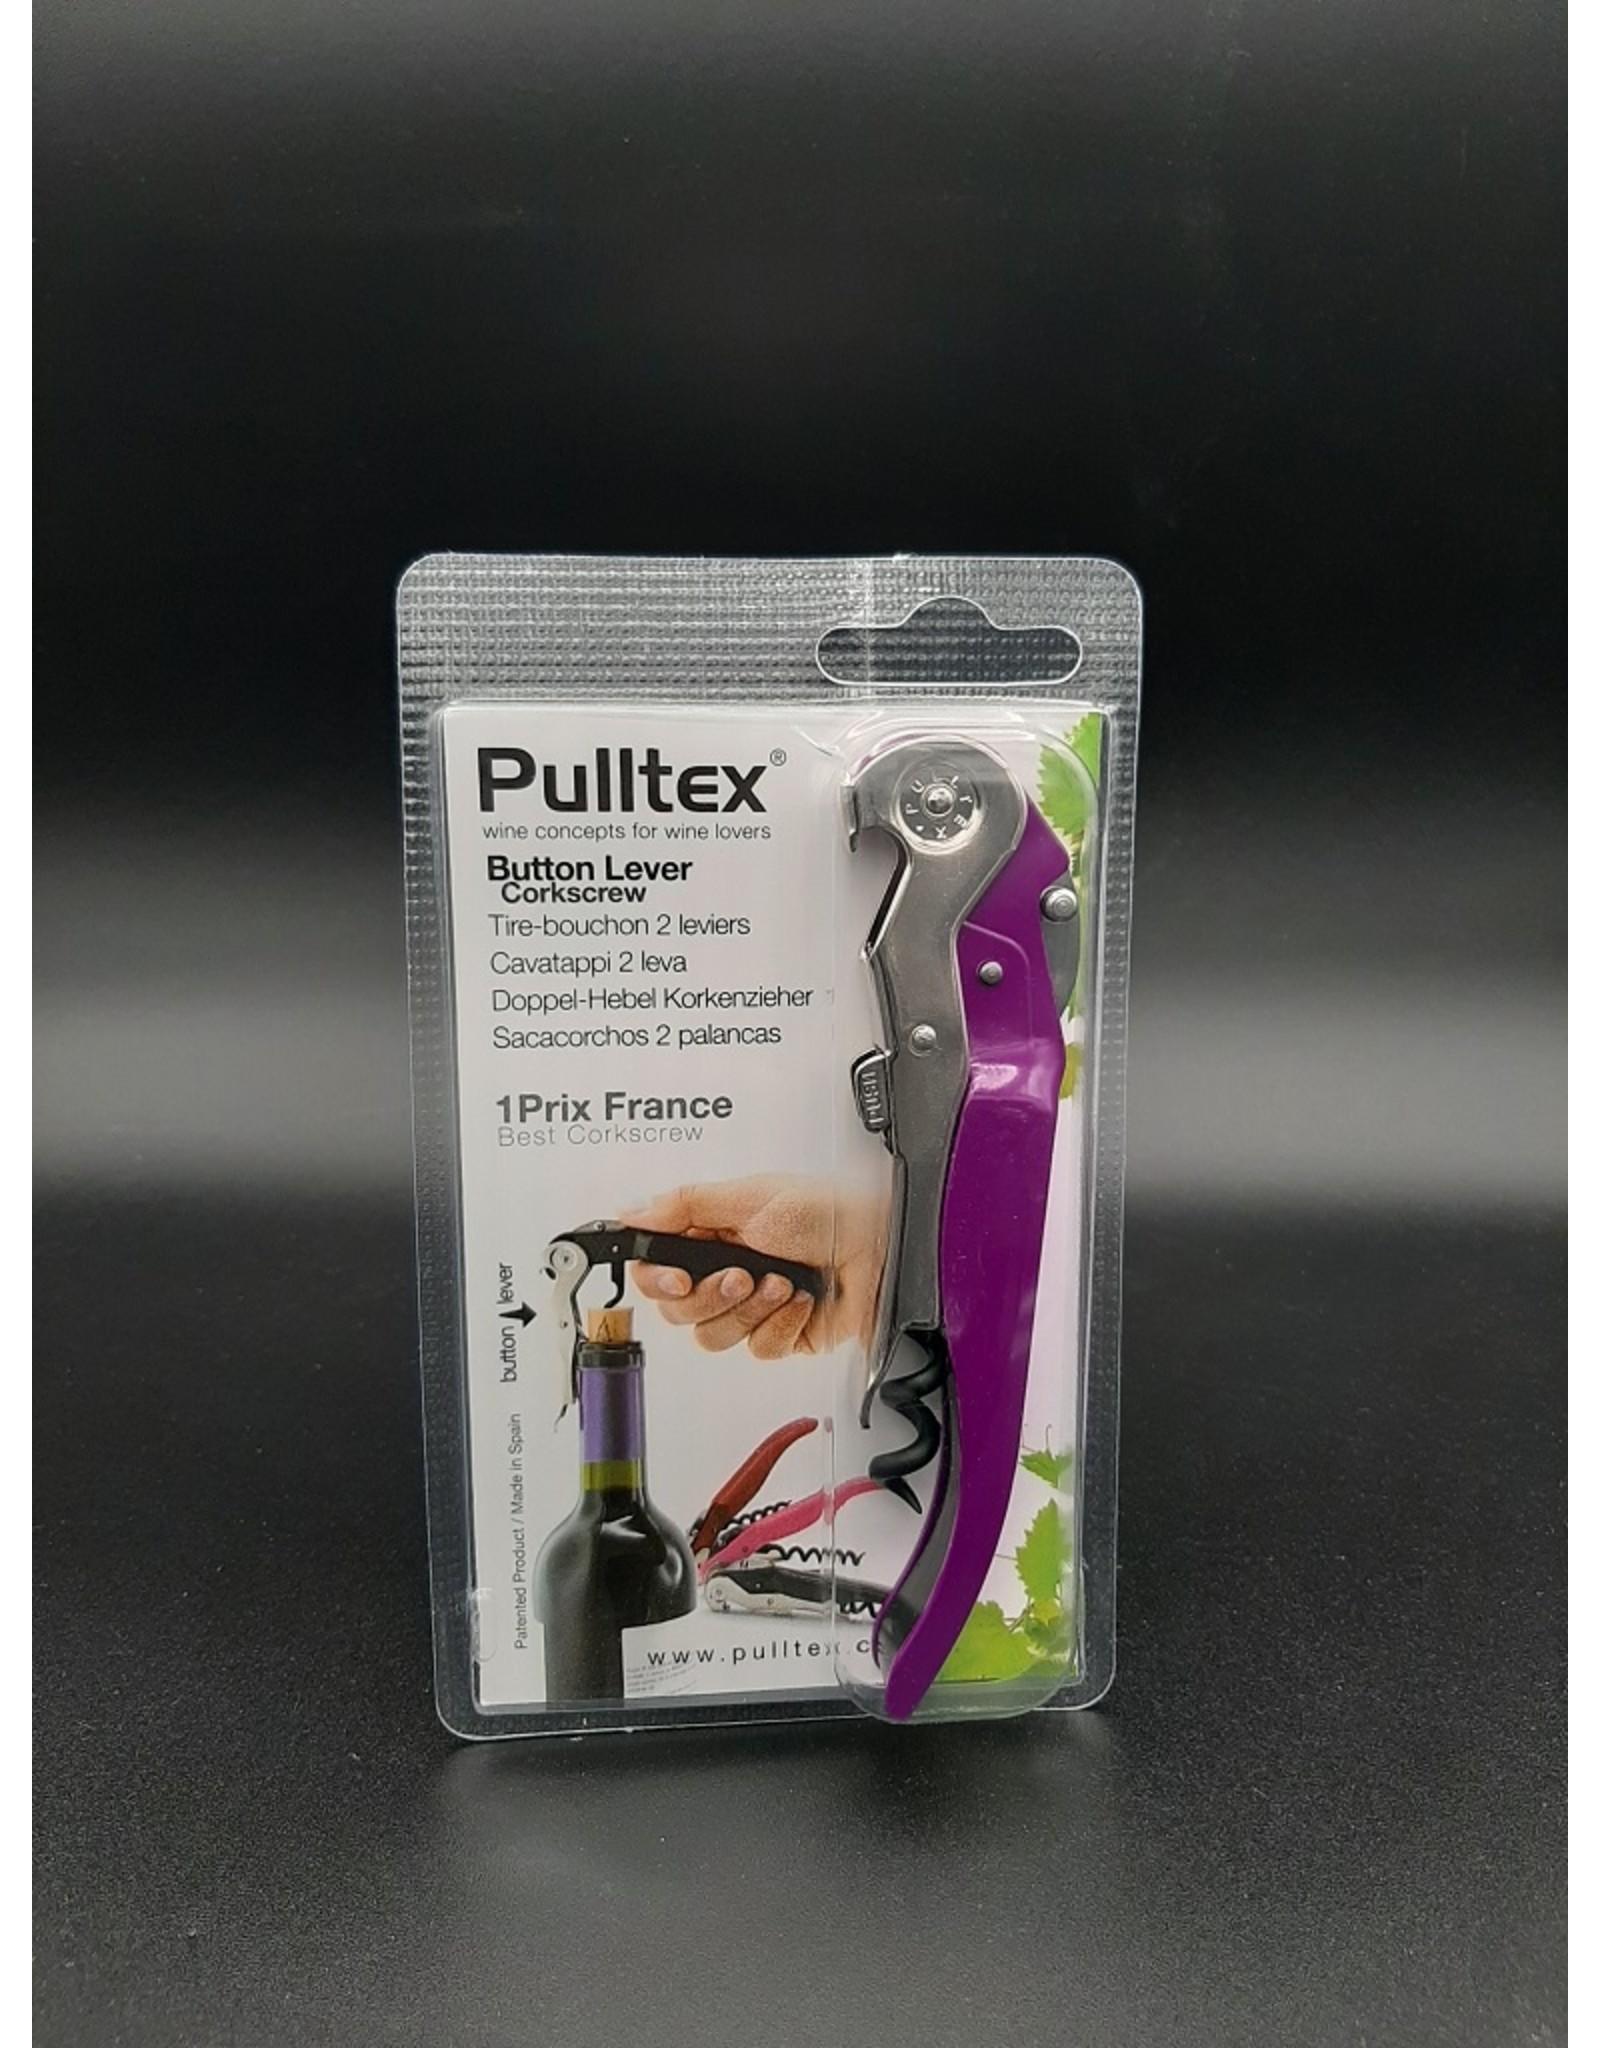 Pulltex Tire-bouchon Pulltex - Basic